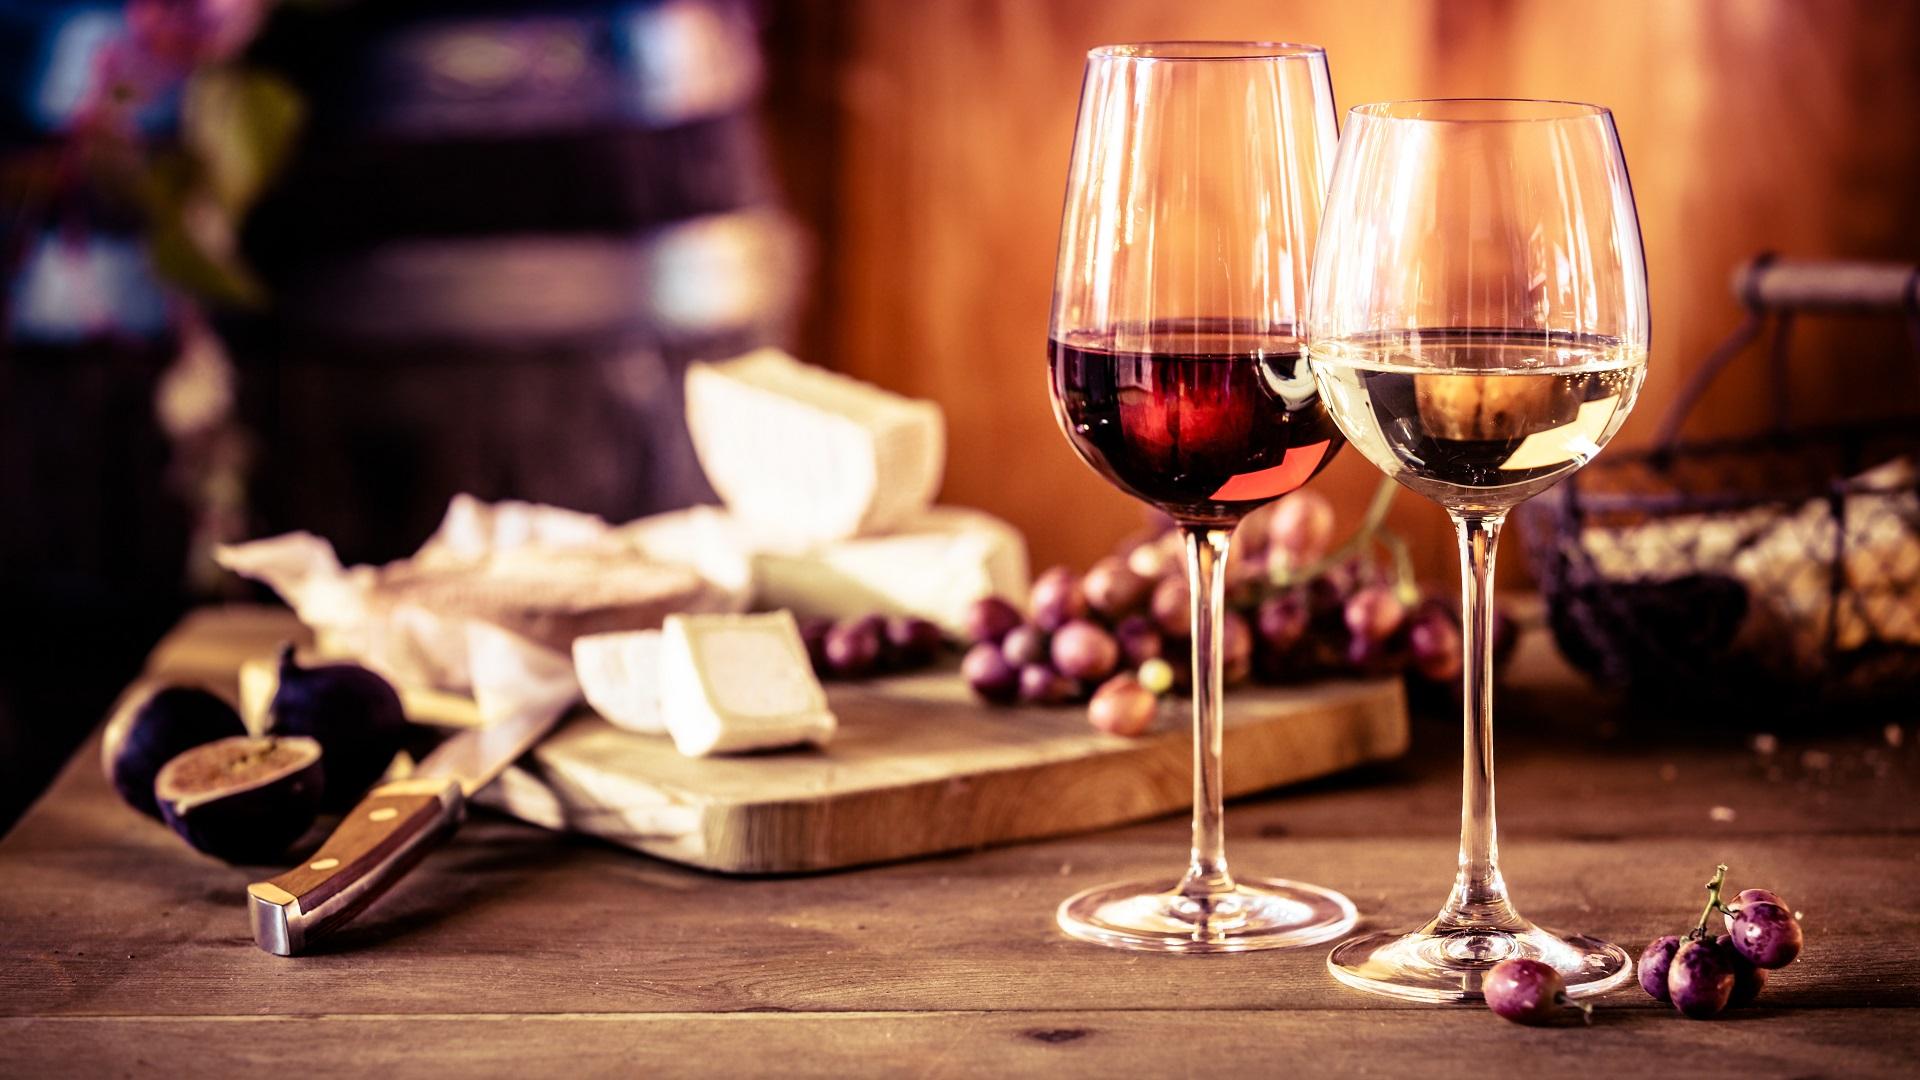 Kaasschotel met verse druiven en glazen rode en witte wijn op een rustieke houten tafel voor een brandend vuur in een taverne of wijnmakerij